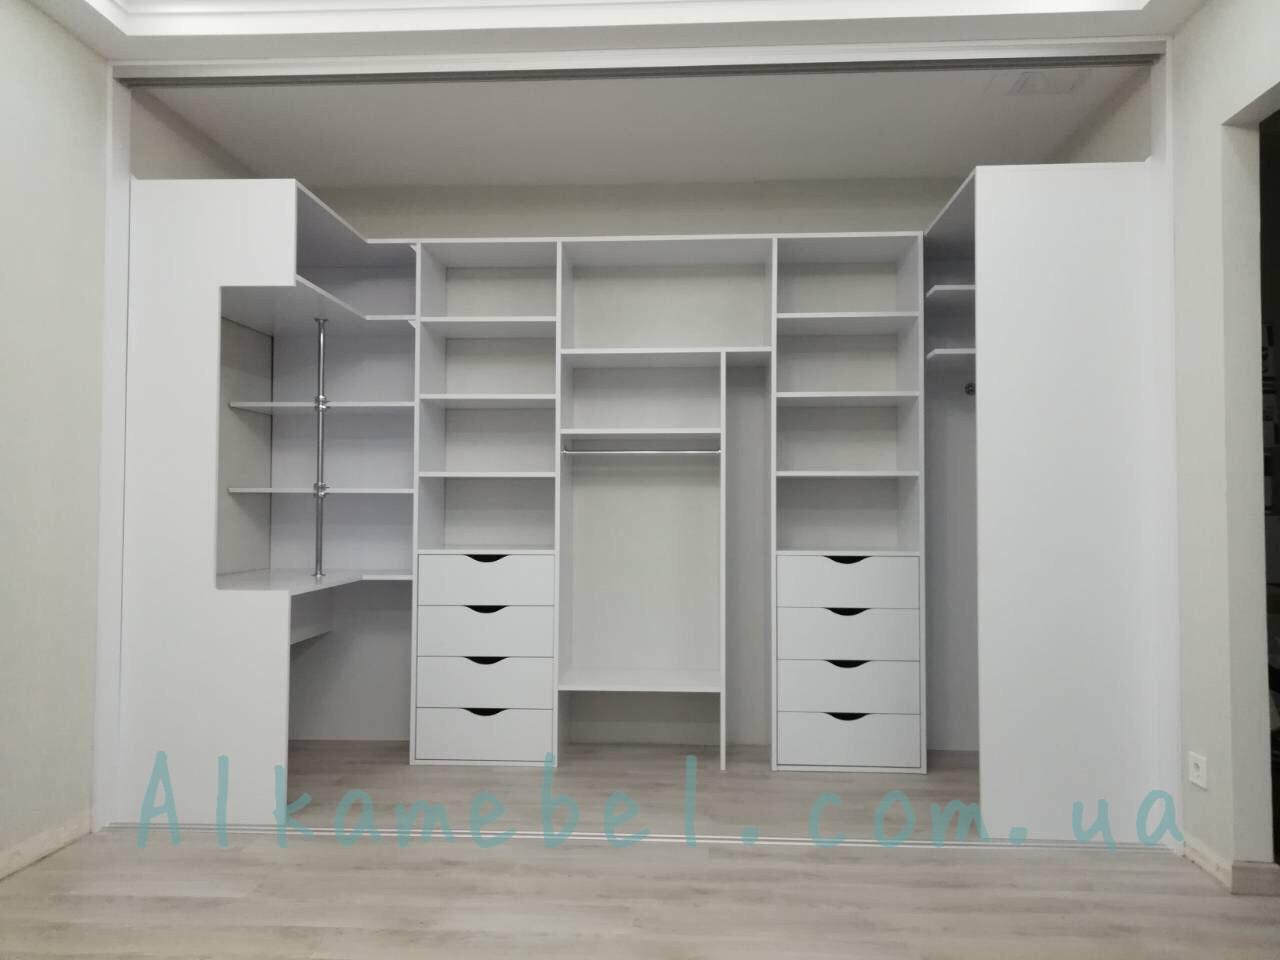 Шкаф купе в гардеробную с дверями купе. Гардеробная комната G-0014